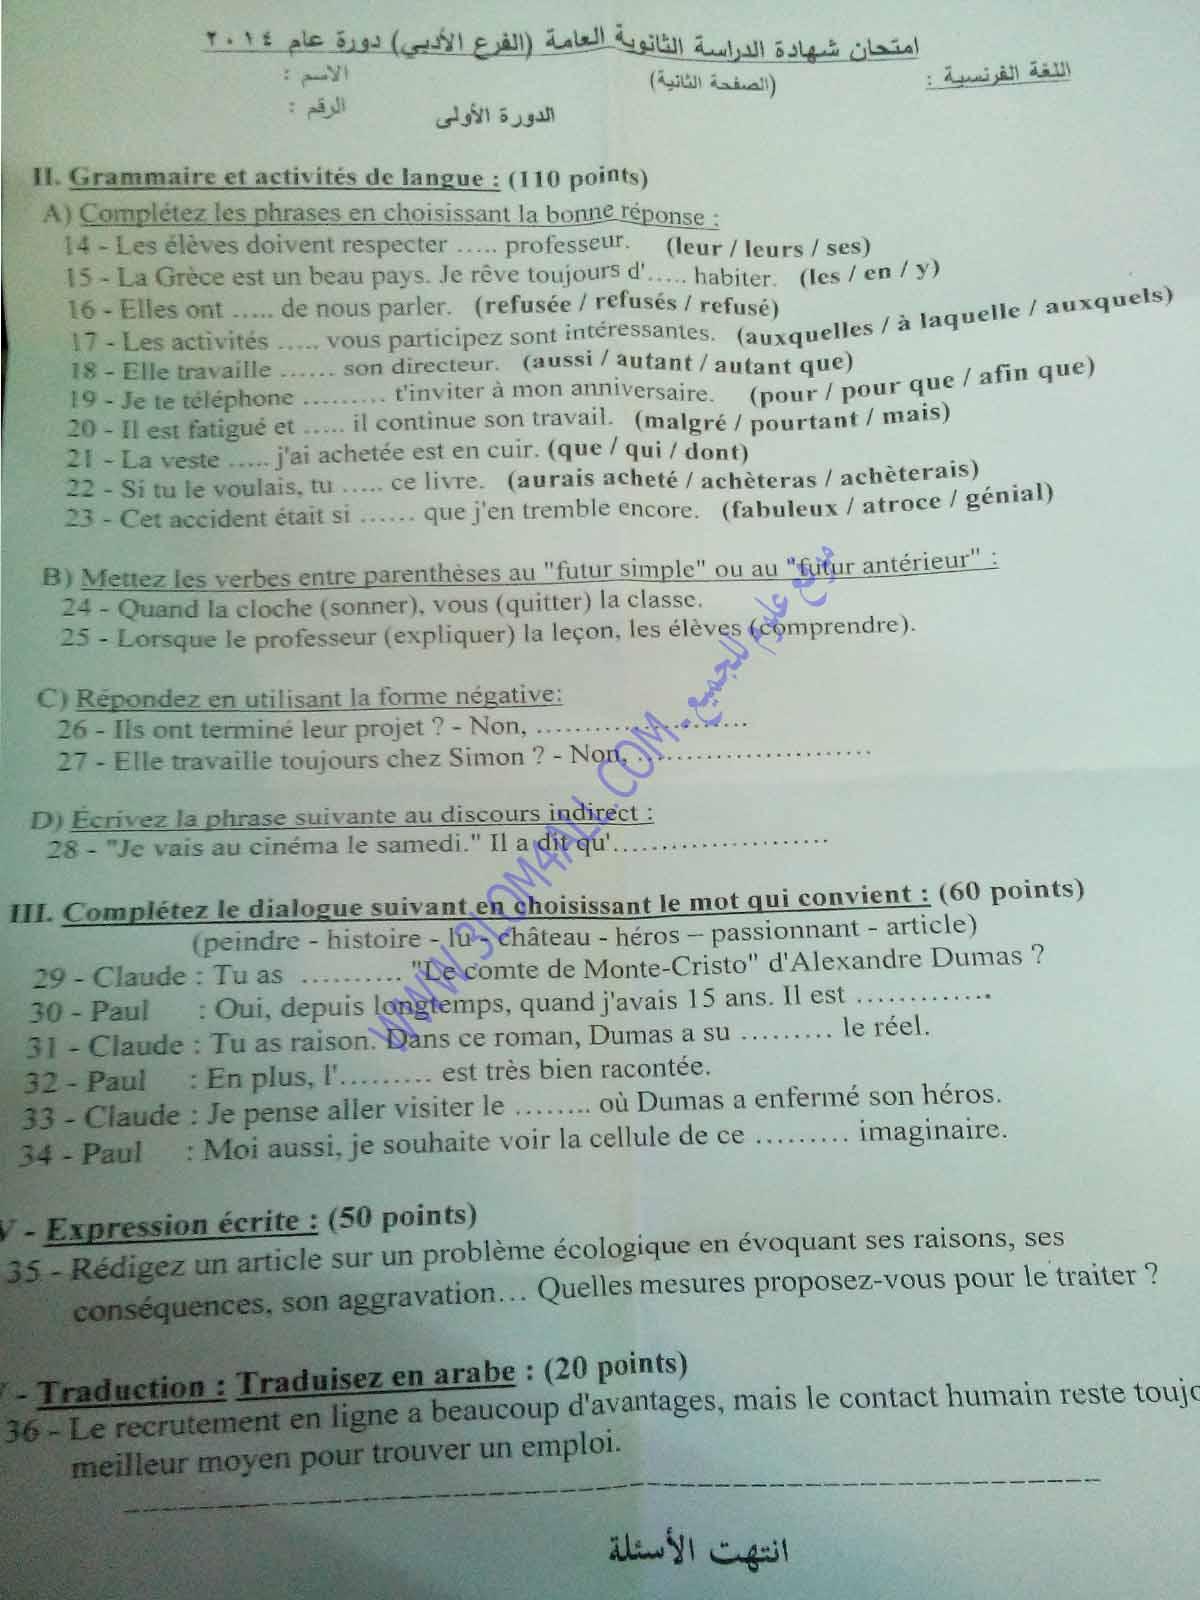 اسئلة امتحان مادة اللغة الفرنسية بكالوريا سوريا الفرع العلمي ورقة الامتحان 1464369080392.jpg